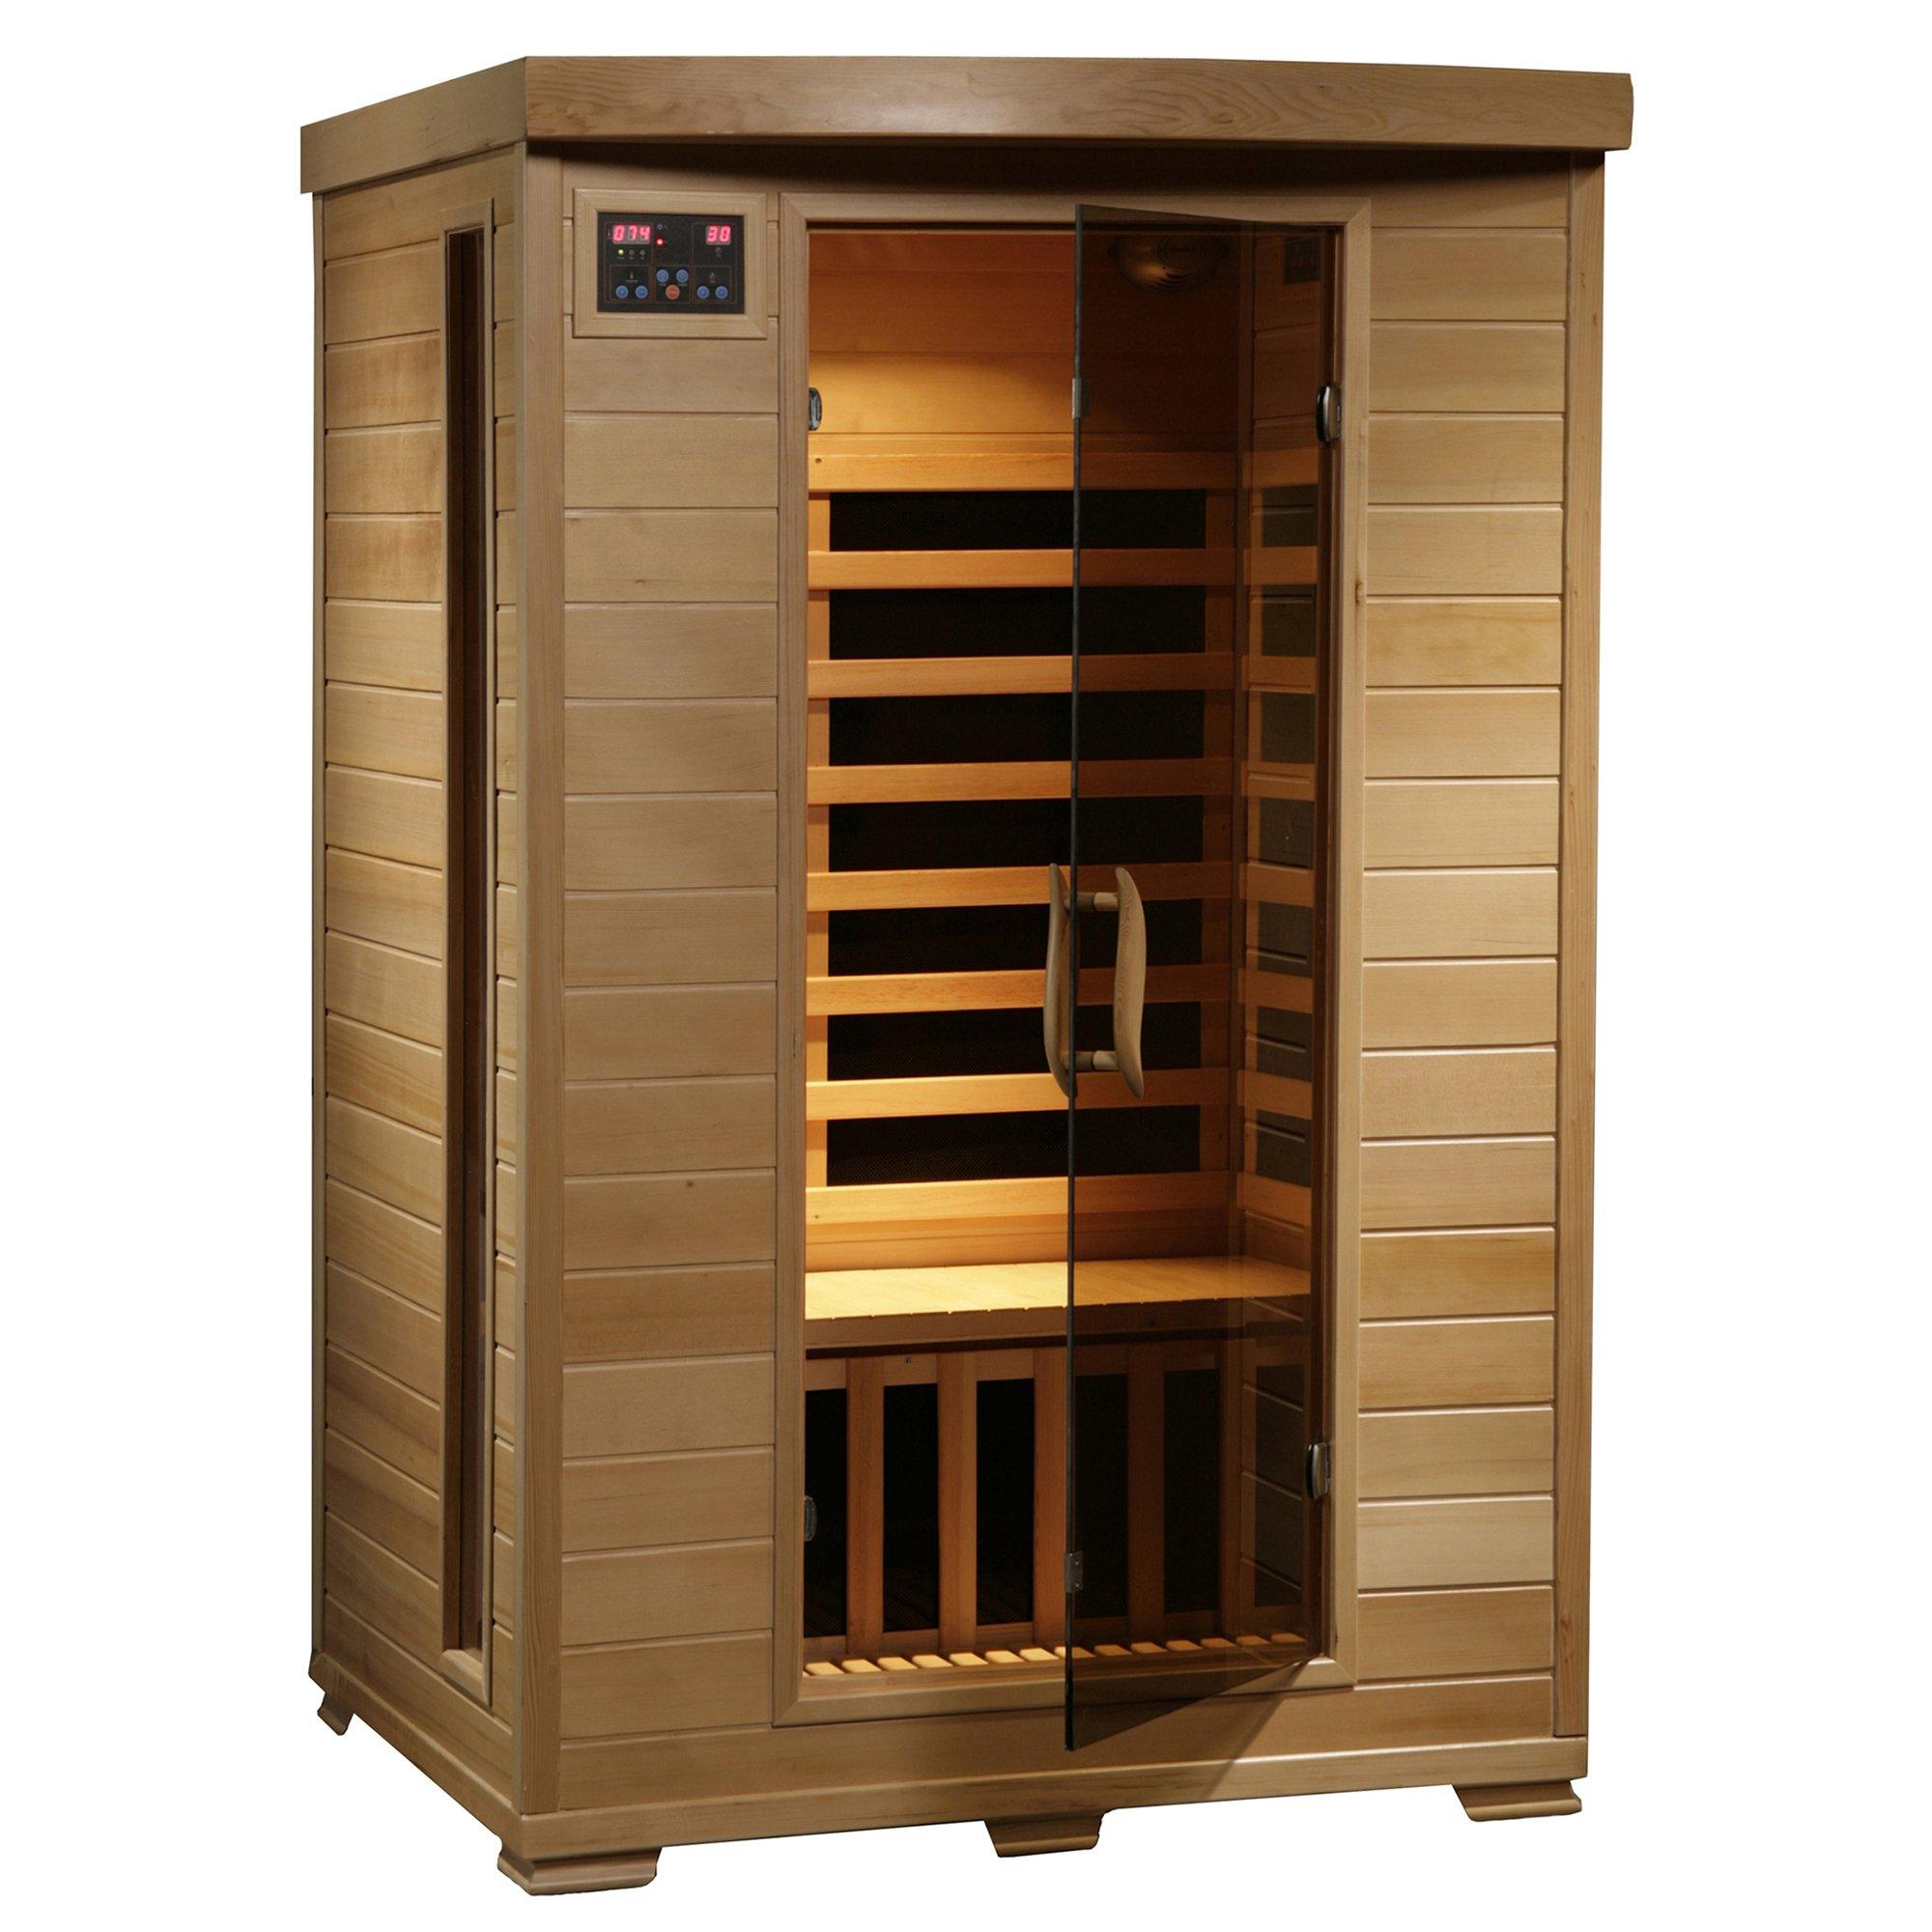 2-Person Hemlock Deluxe Infrared Sauna w/ 6 Carbon Heaters